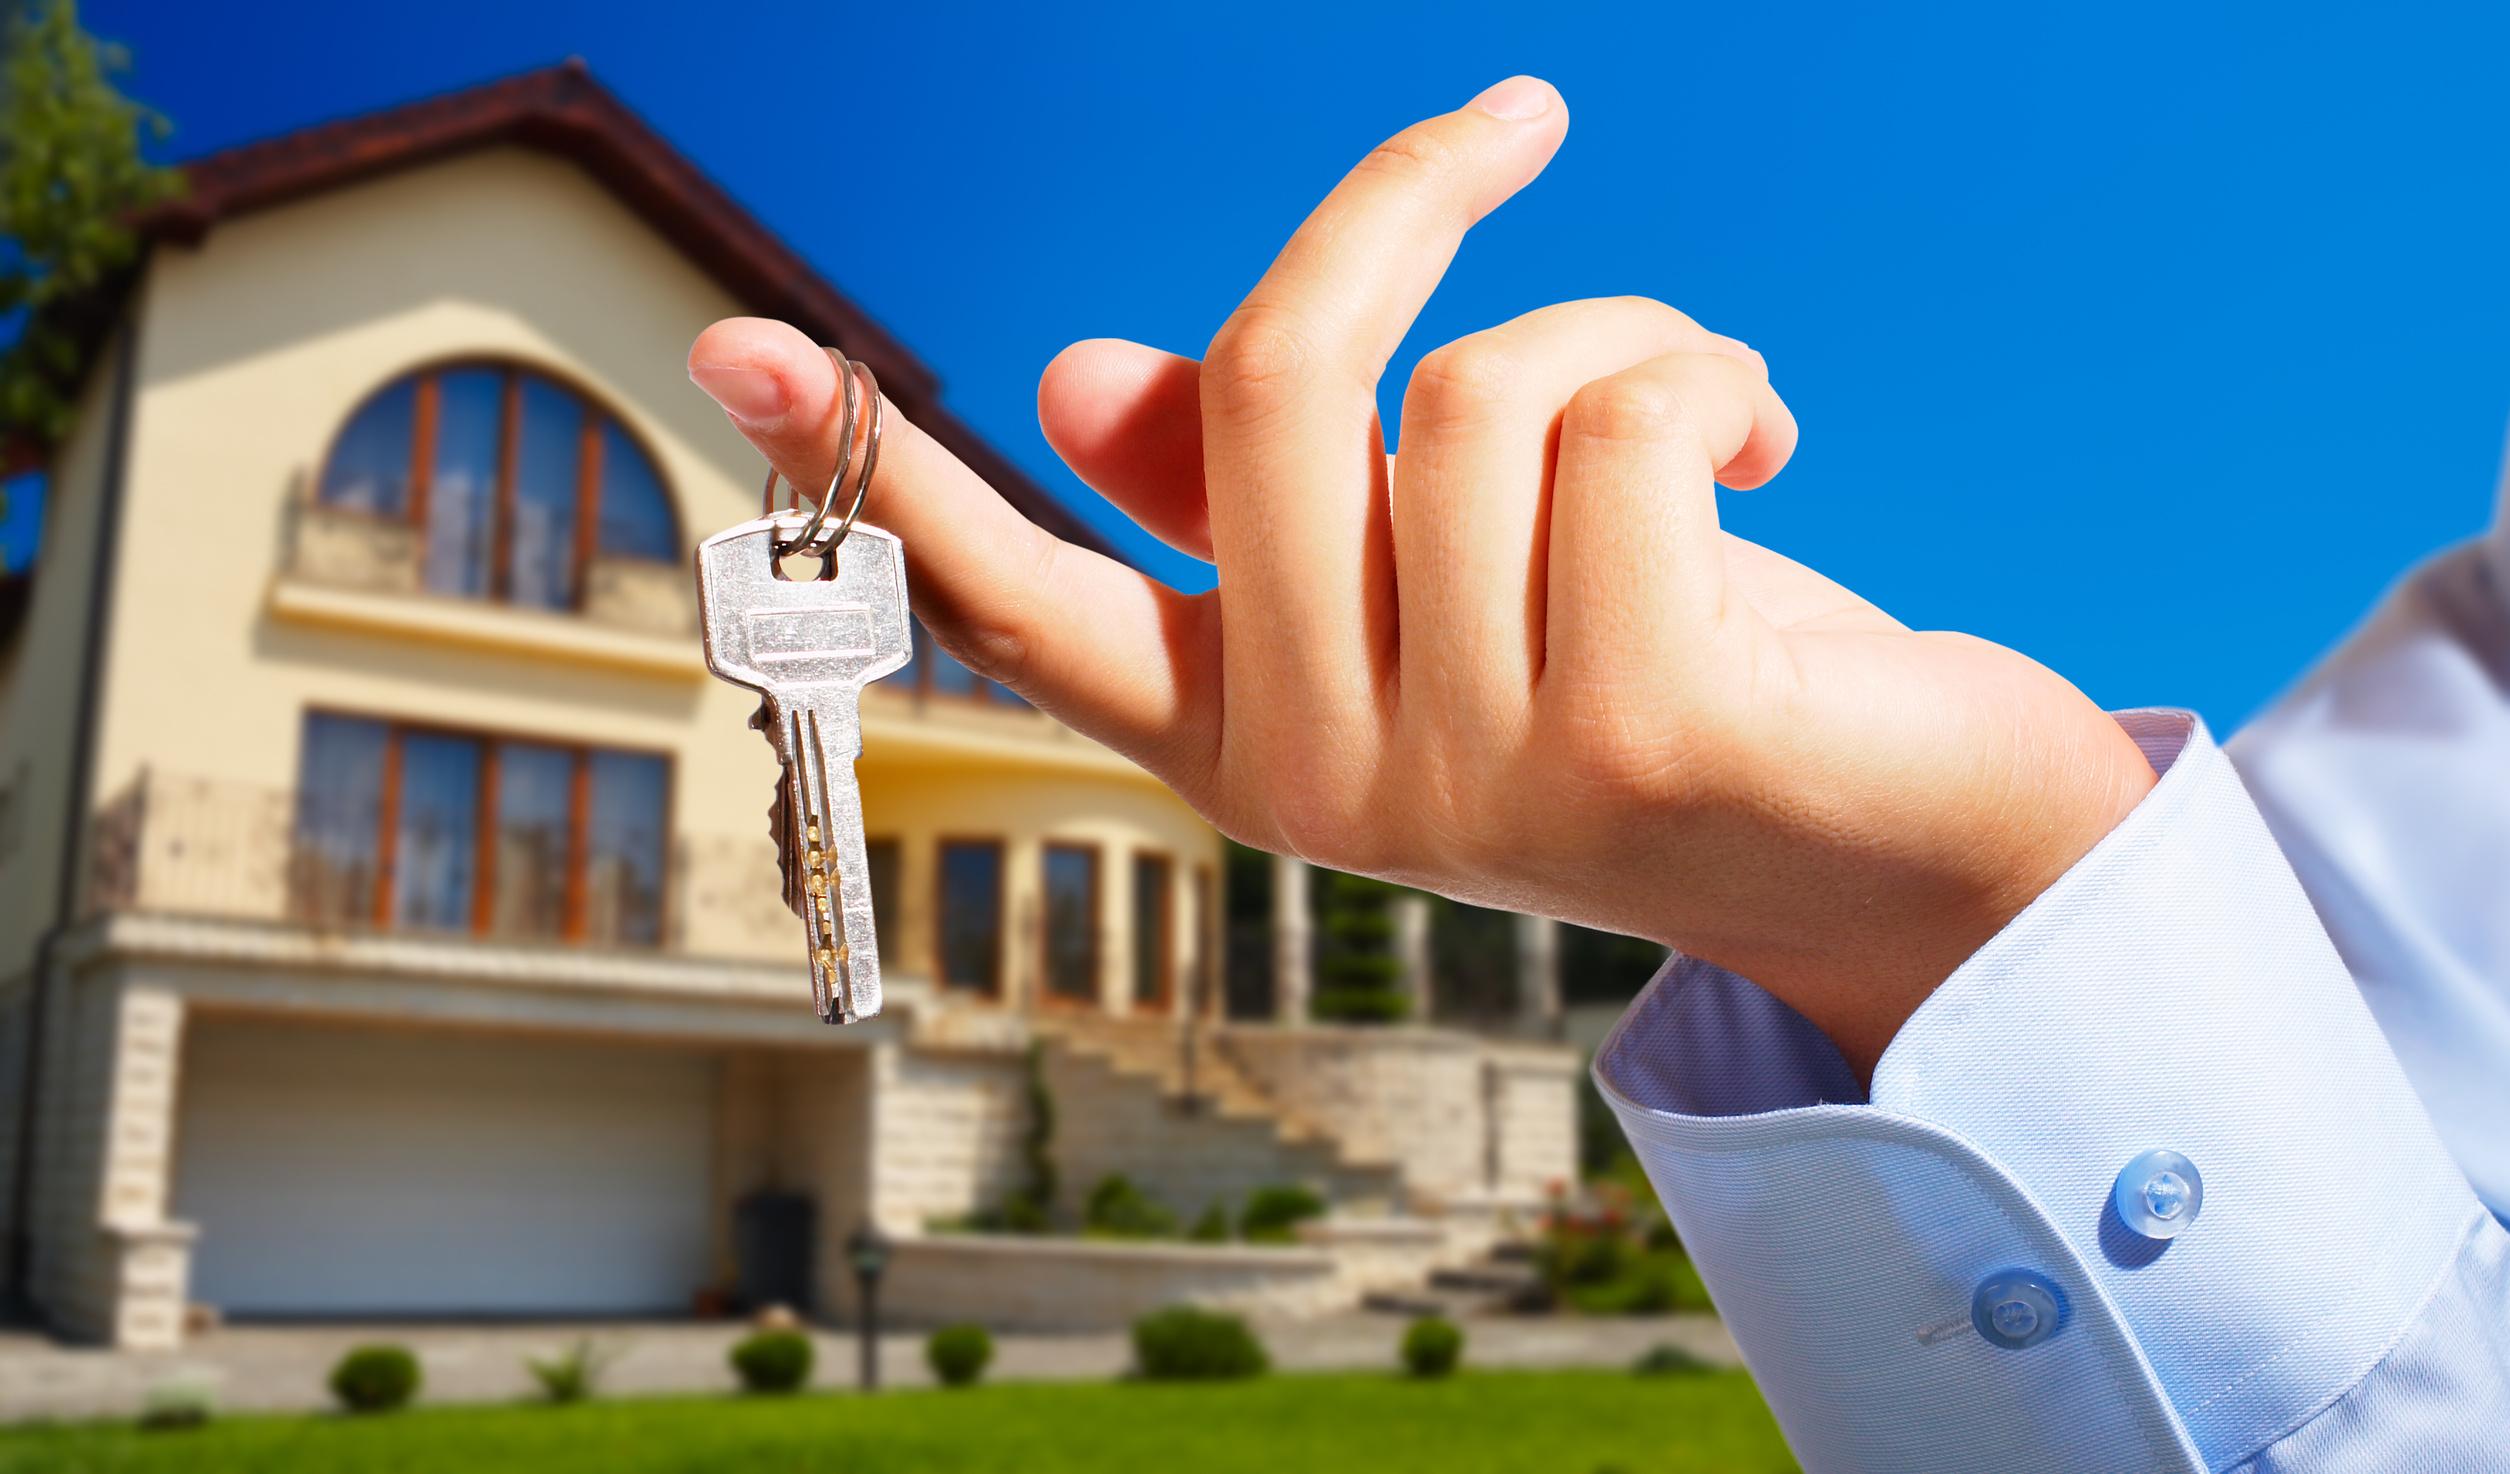 Acheter un bien immobilier à un moindre coût